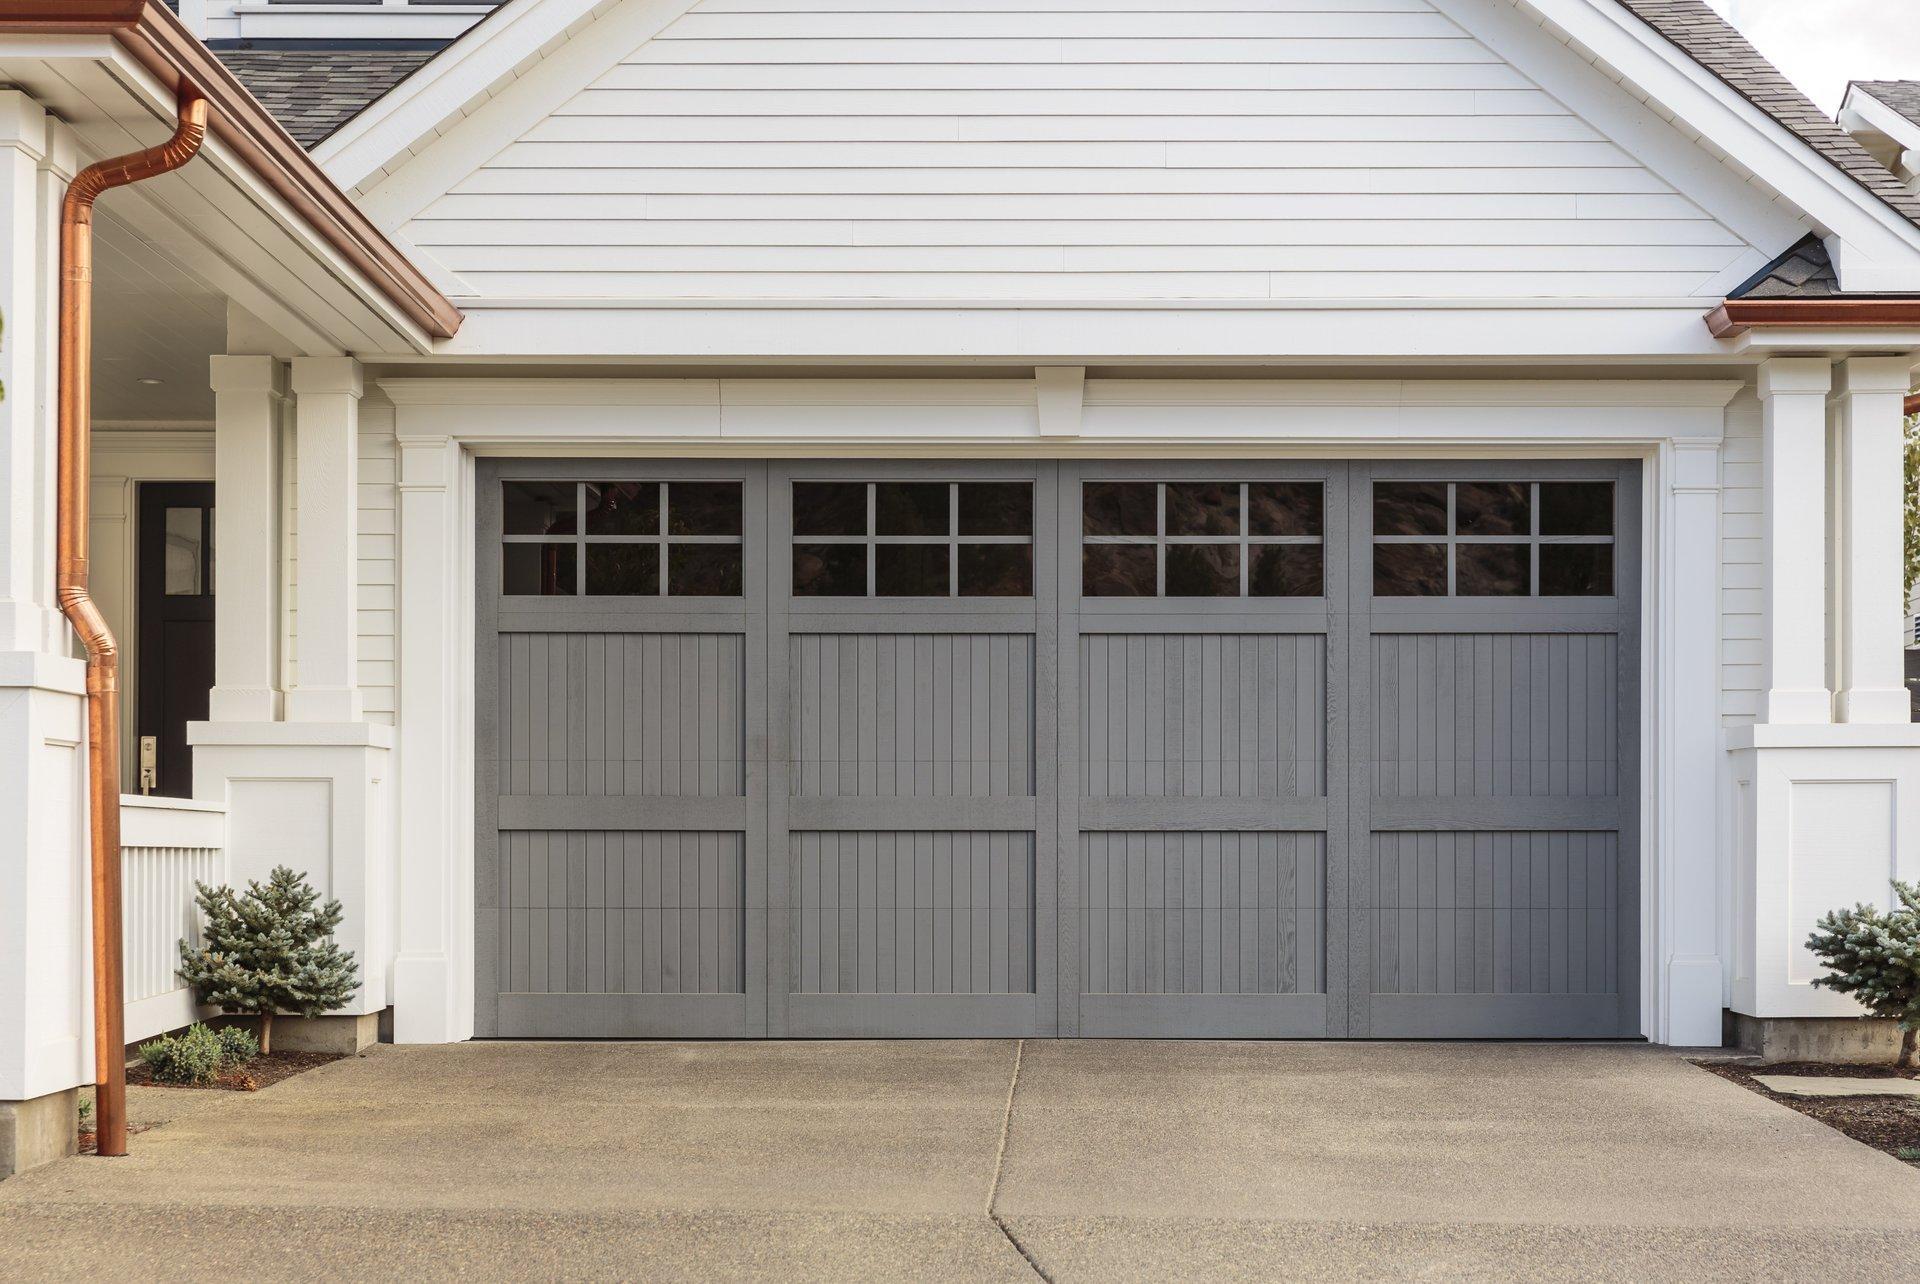 Heavenly Garage Doors, Garage Door Repair Nashville Tennessee